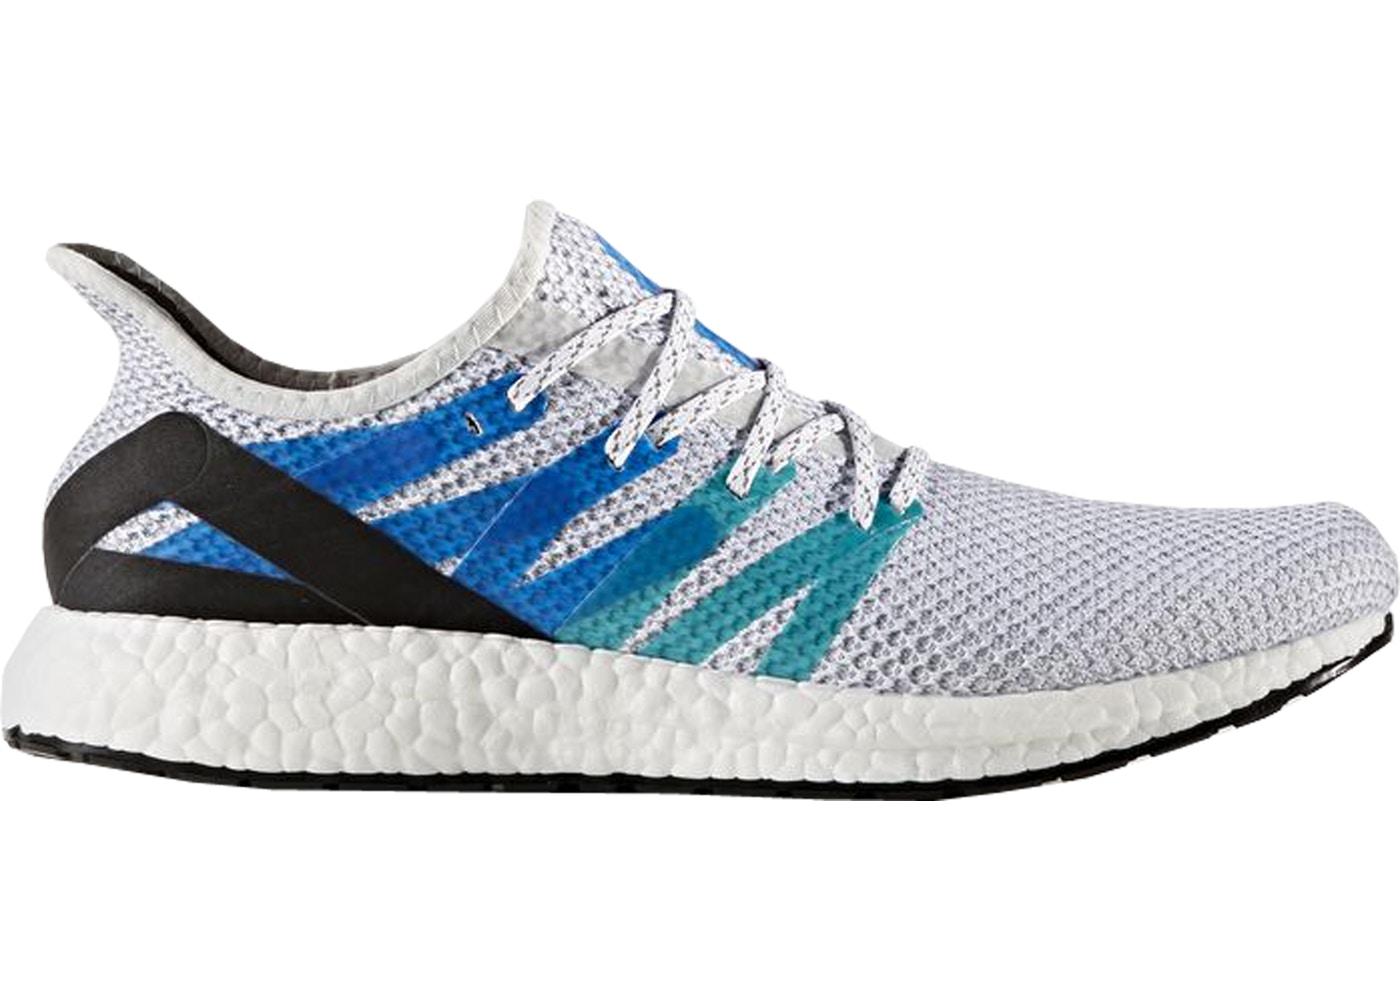 メンズ靴, スニーカー  ADIDAS SPEEDFACTORY AM4LDN LONDON FOOTWEAR WHITE CORE BLACK